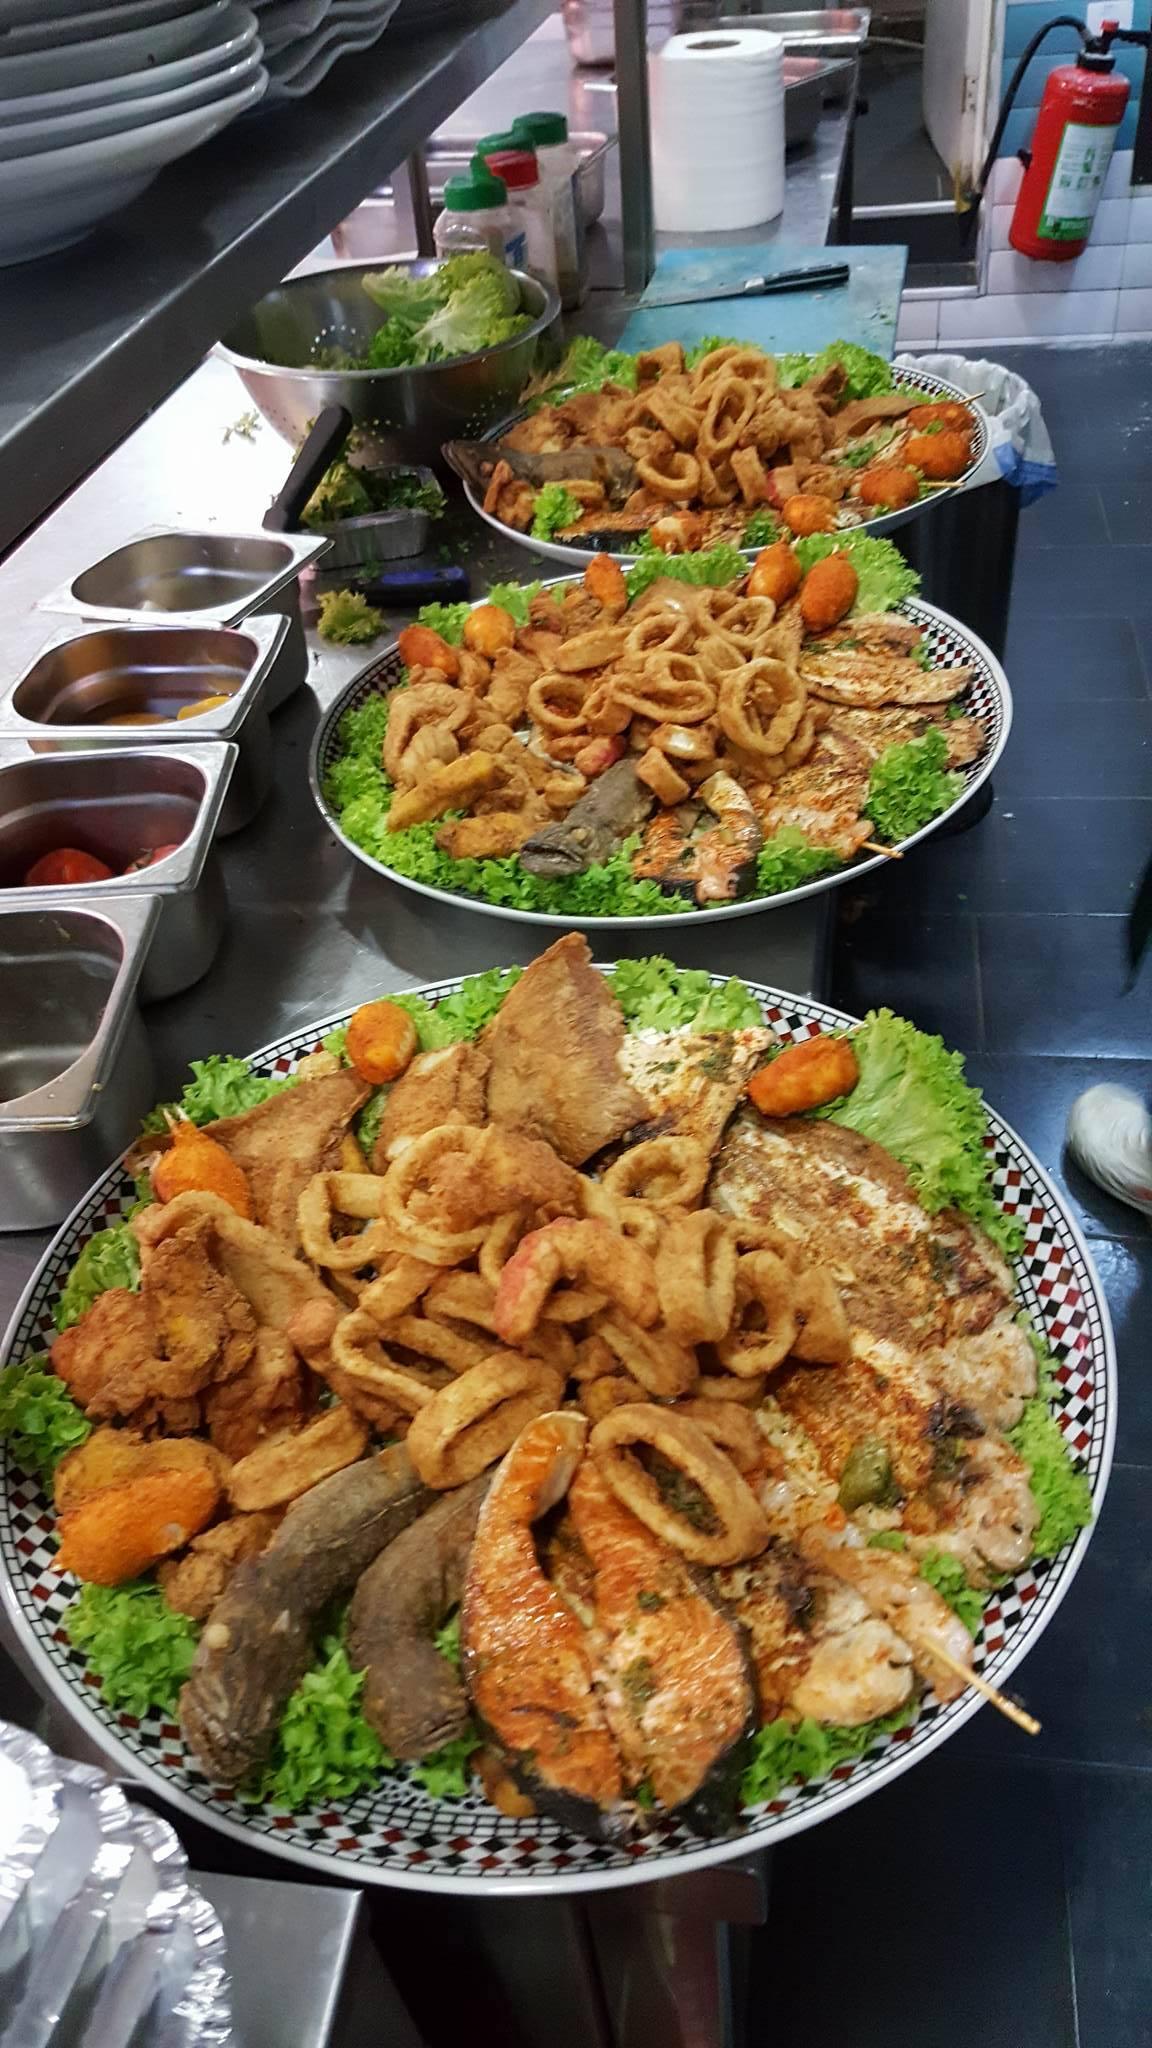 Traiteur -img3 • Livraison de poissons • Poissonnerie • Restaurant • Traiteur à Anderlecht